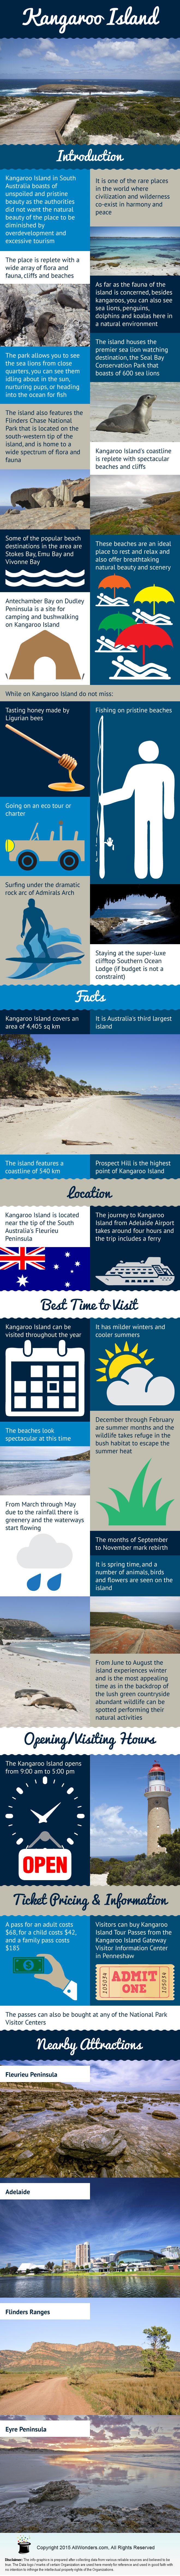 Kangaroo Island Infographic